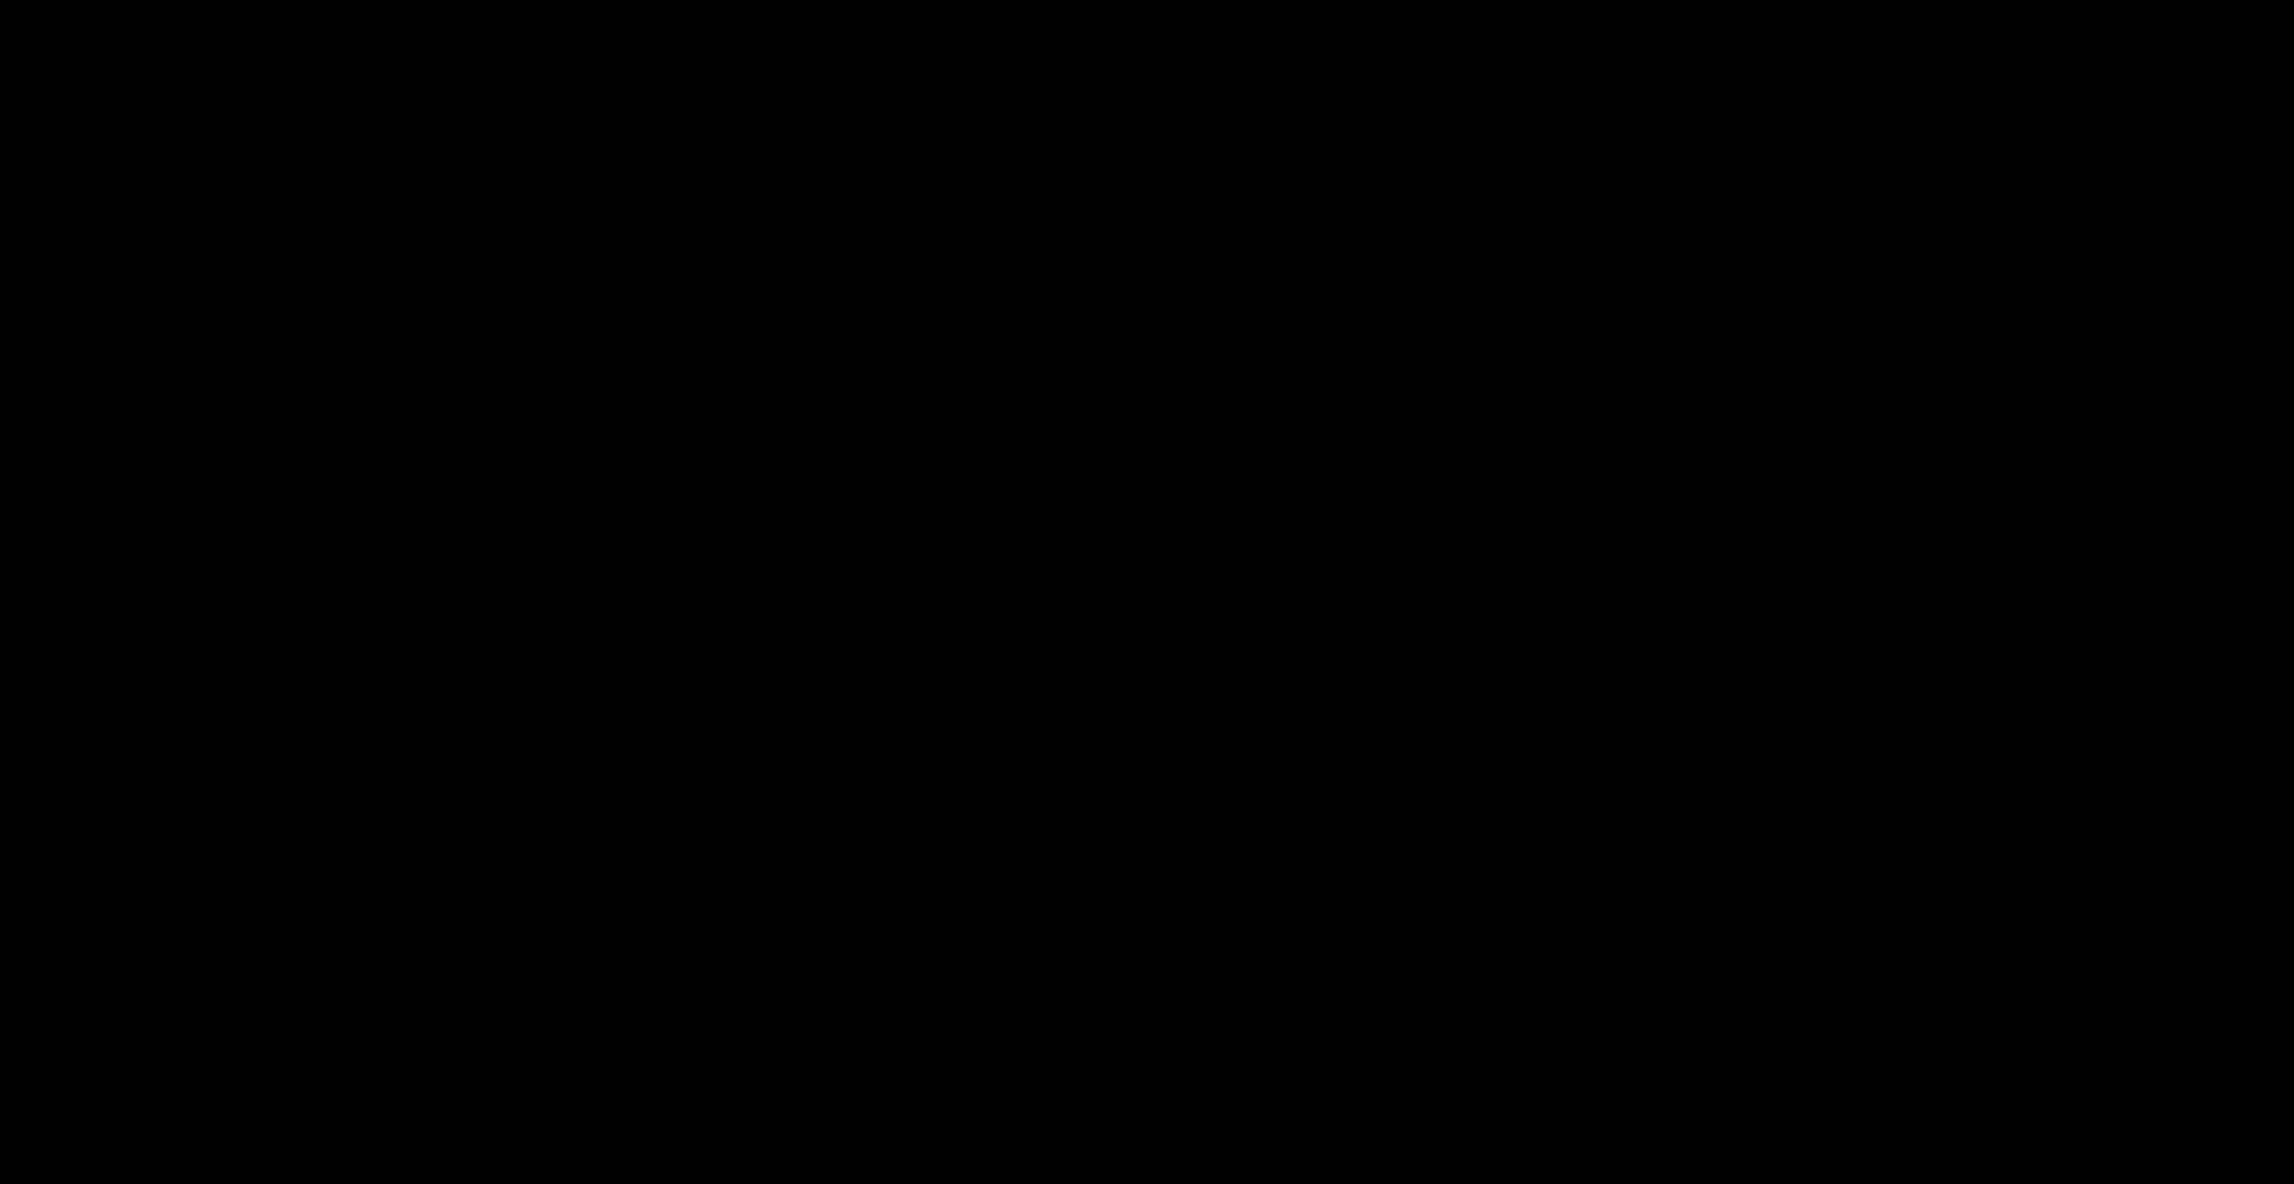 Download free png image. Lightning clipart transparent background